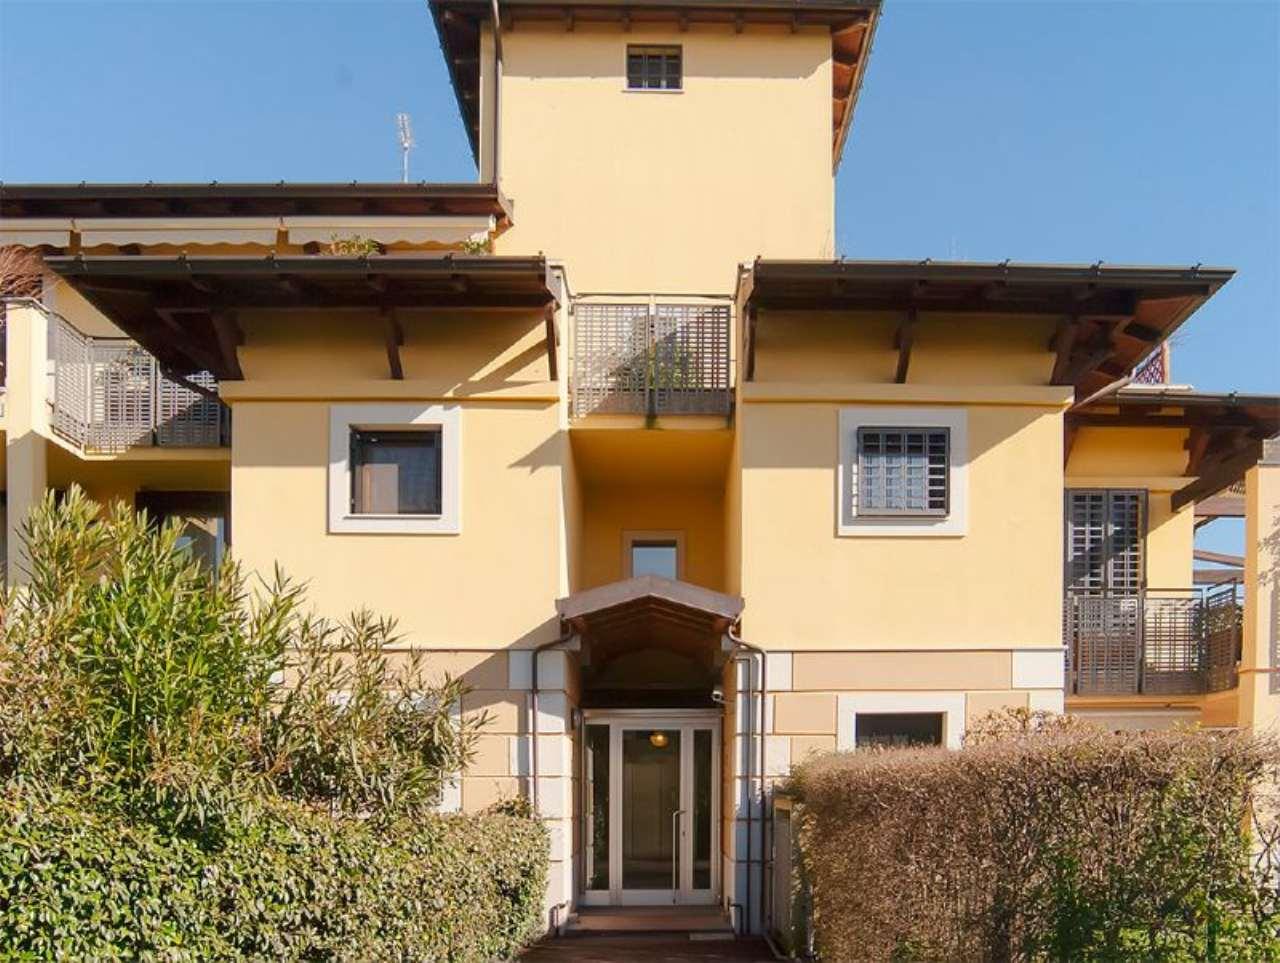 Appartamento in vendita a Segrate, 5 locali, prezzo € 460.000 | Cambio Casa.it